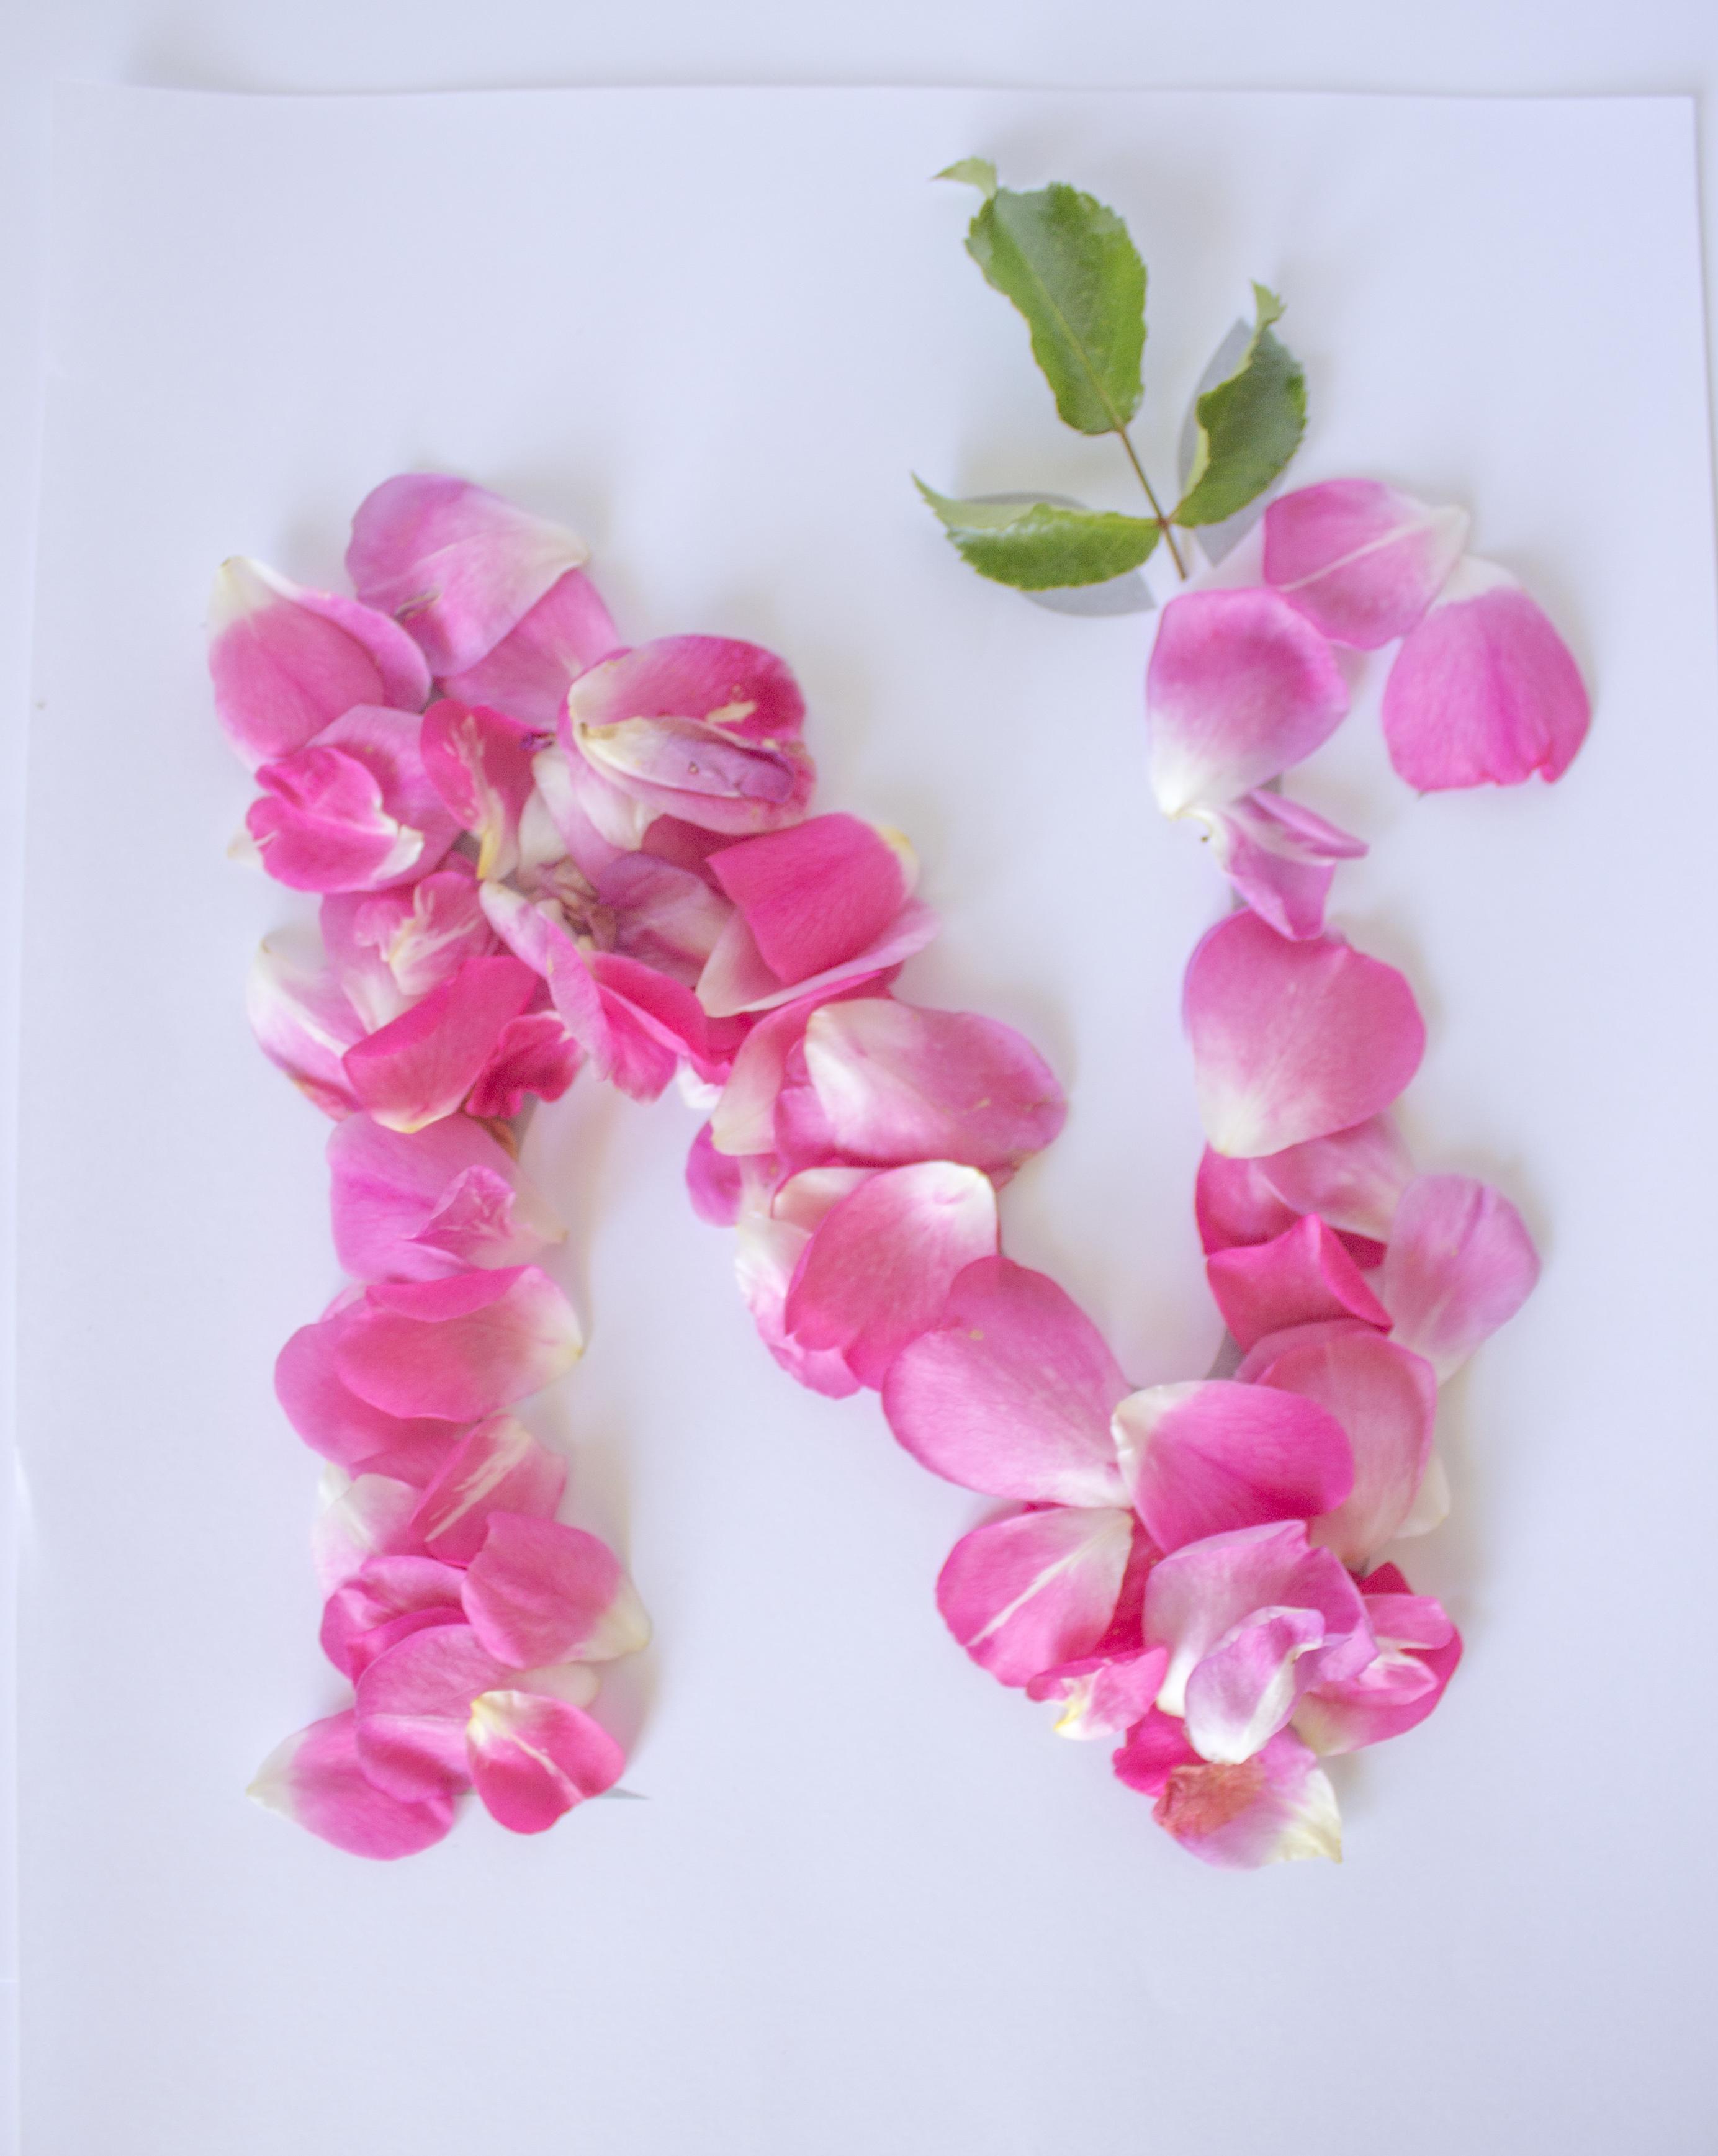 Pretty Floral Letter N Floral Letters Alphabet Letters Design Alphabet Wallpaper